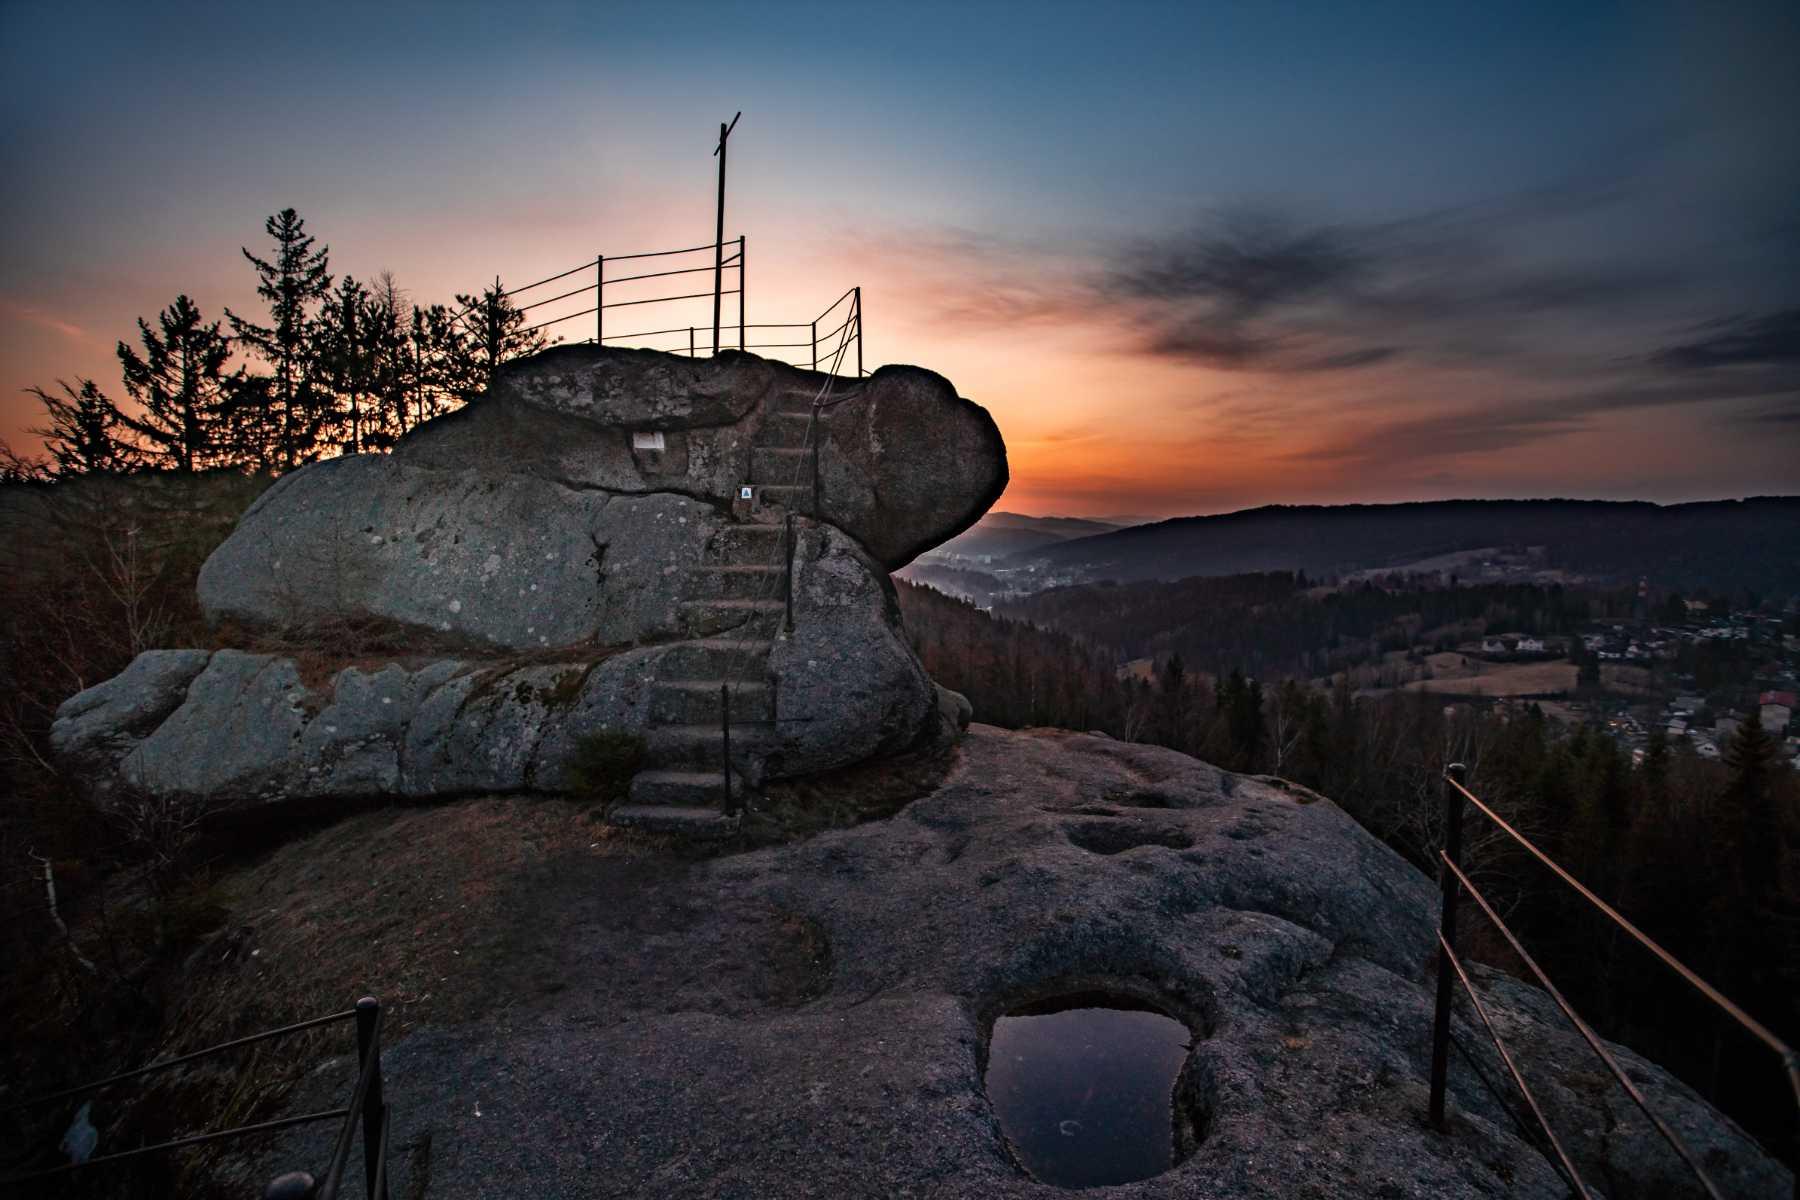 Skalní vyhlídka Finkenstein u Smržovky v Jizerských horách